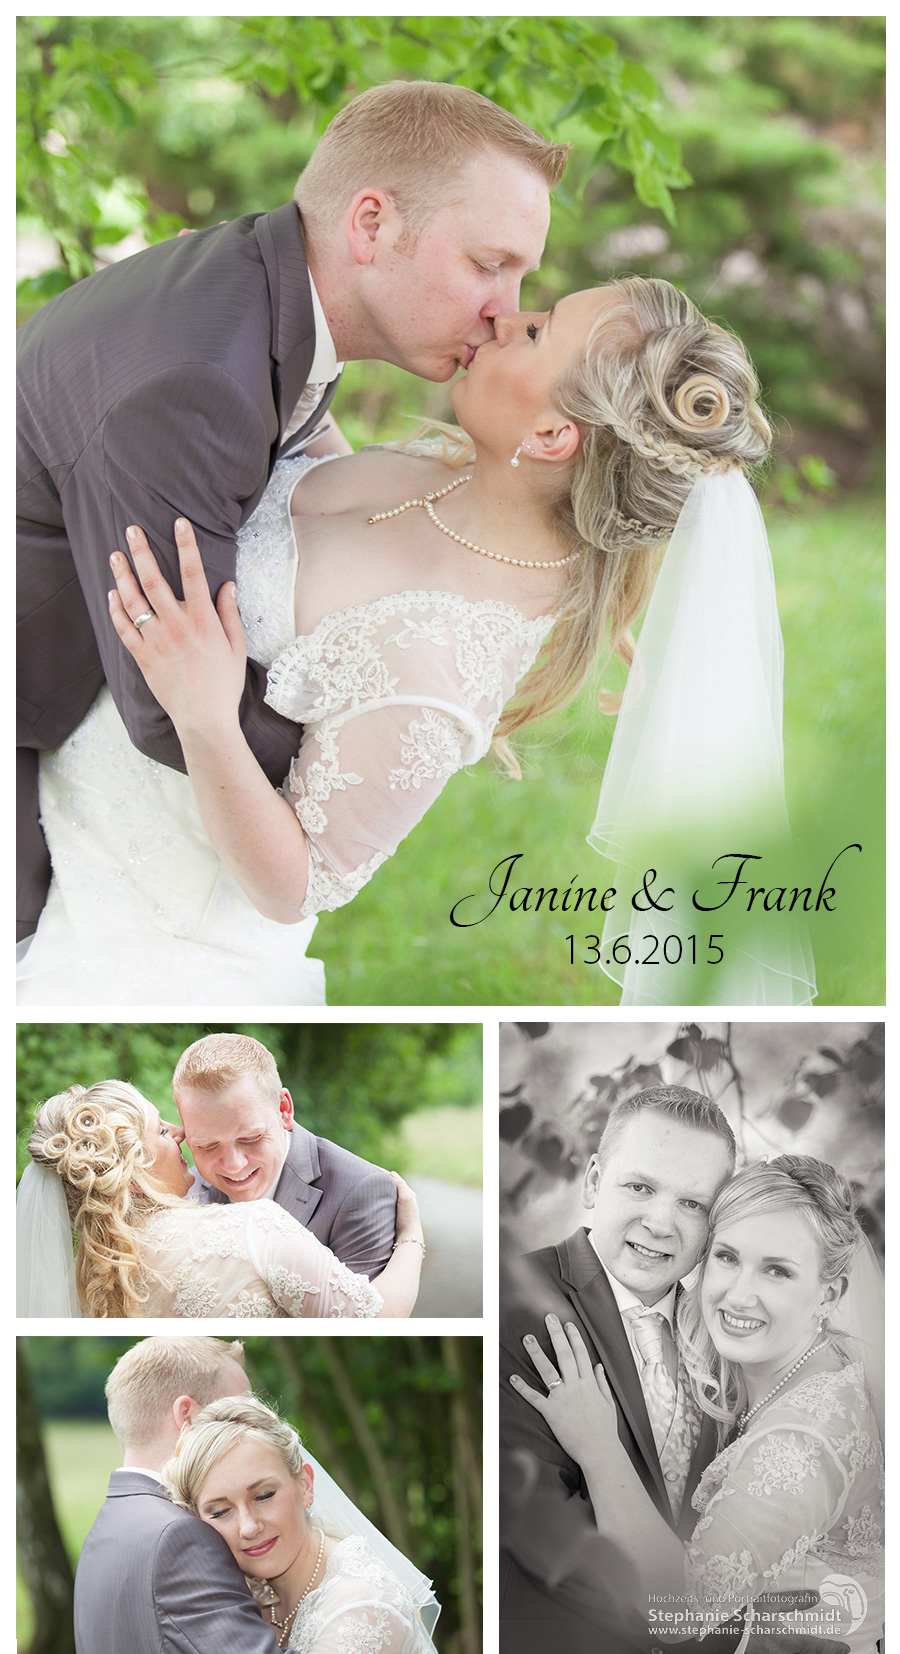 Hochzeitsfotograf Plauen im Vogtland – Hochzeits- und Portraitfotografin Stephanie Scharschmidt